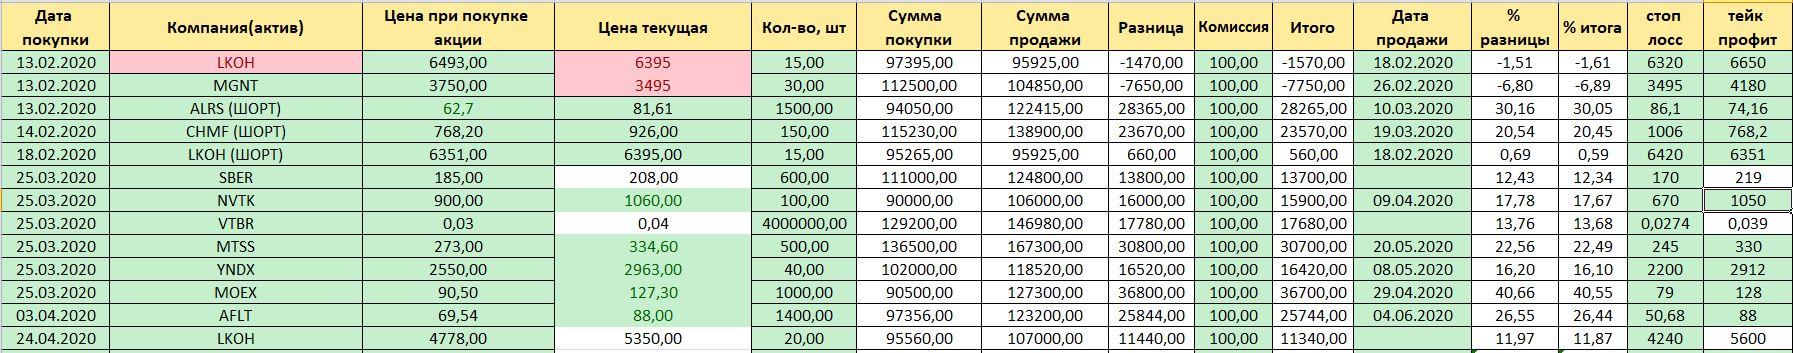 акции РФ